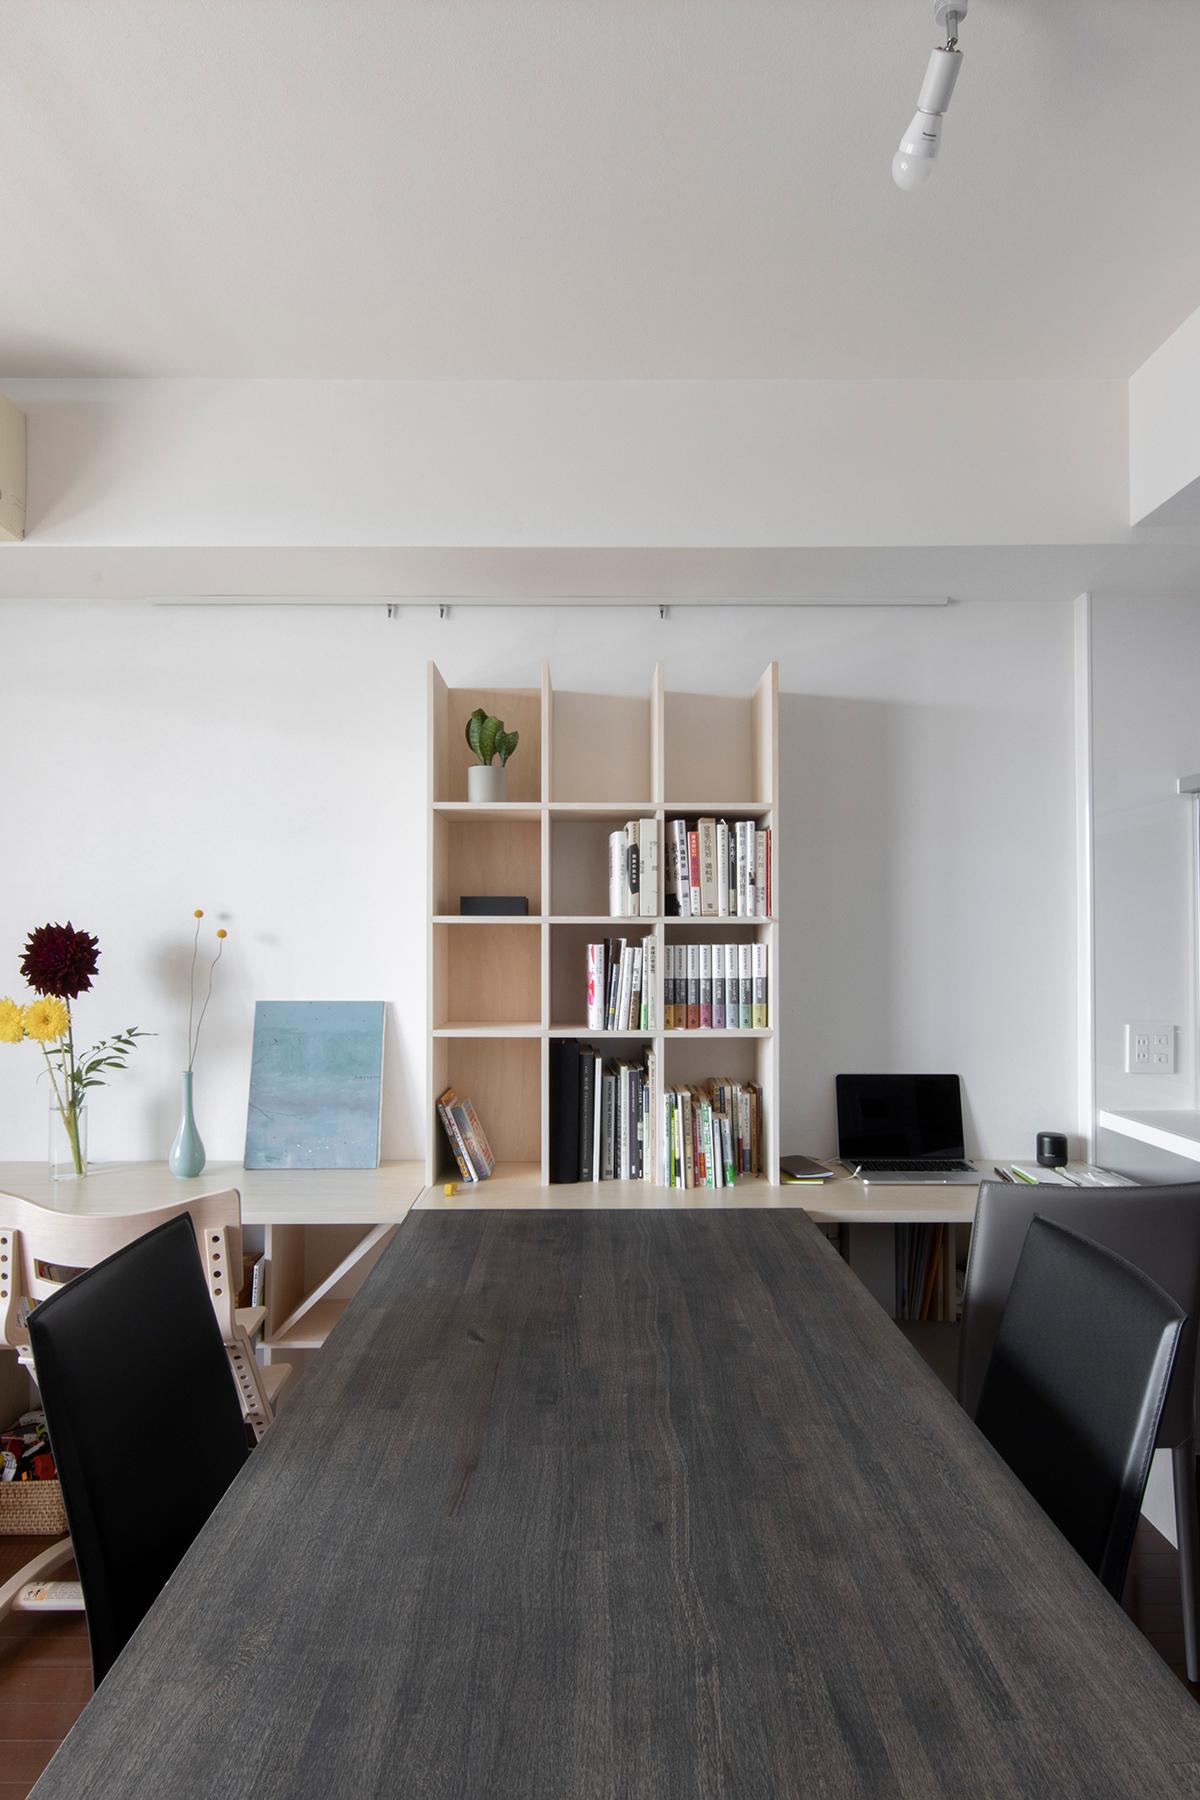 リビングダイニングを構成する | アンダーカウンター本棚 / Shelf (No.04) | マルゲリータ使用例 シンプル おしゃれ 部屋 インテリア レイアウト